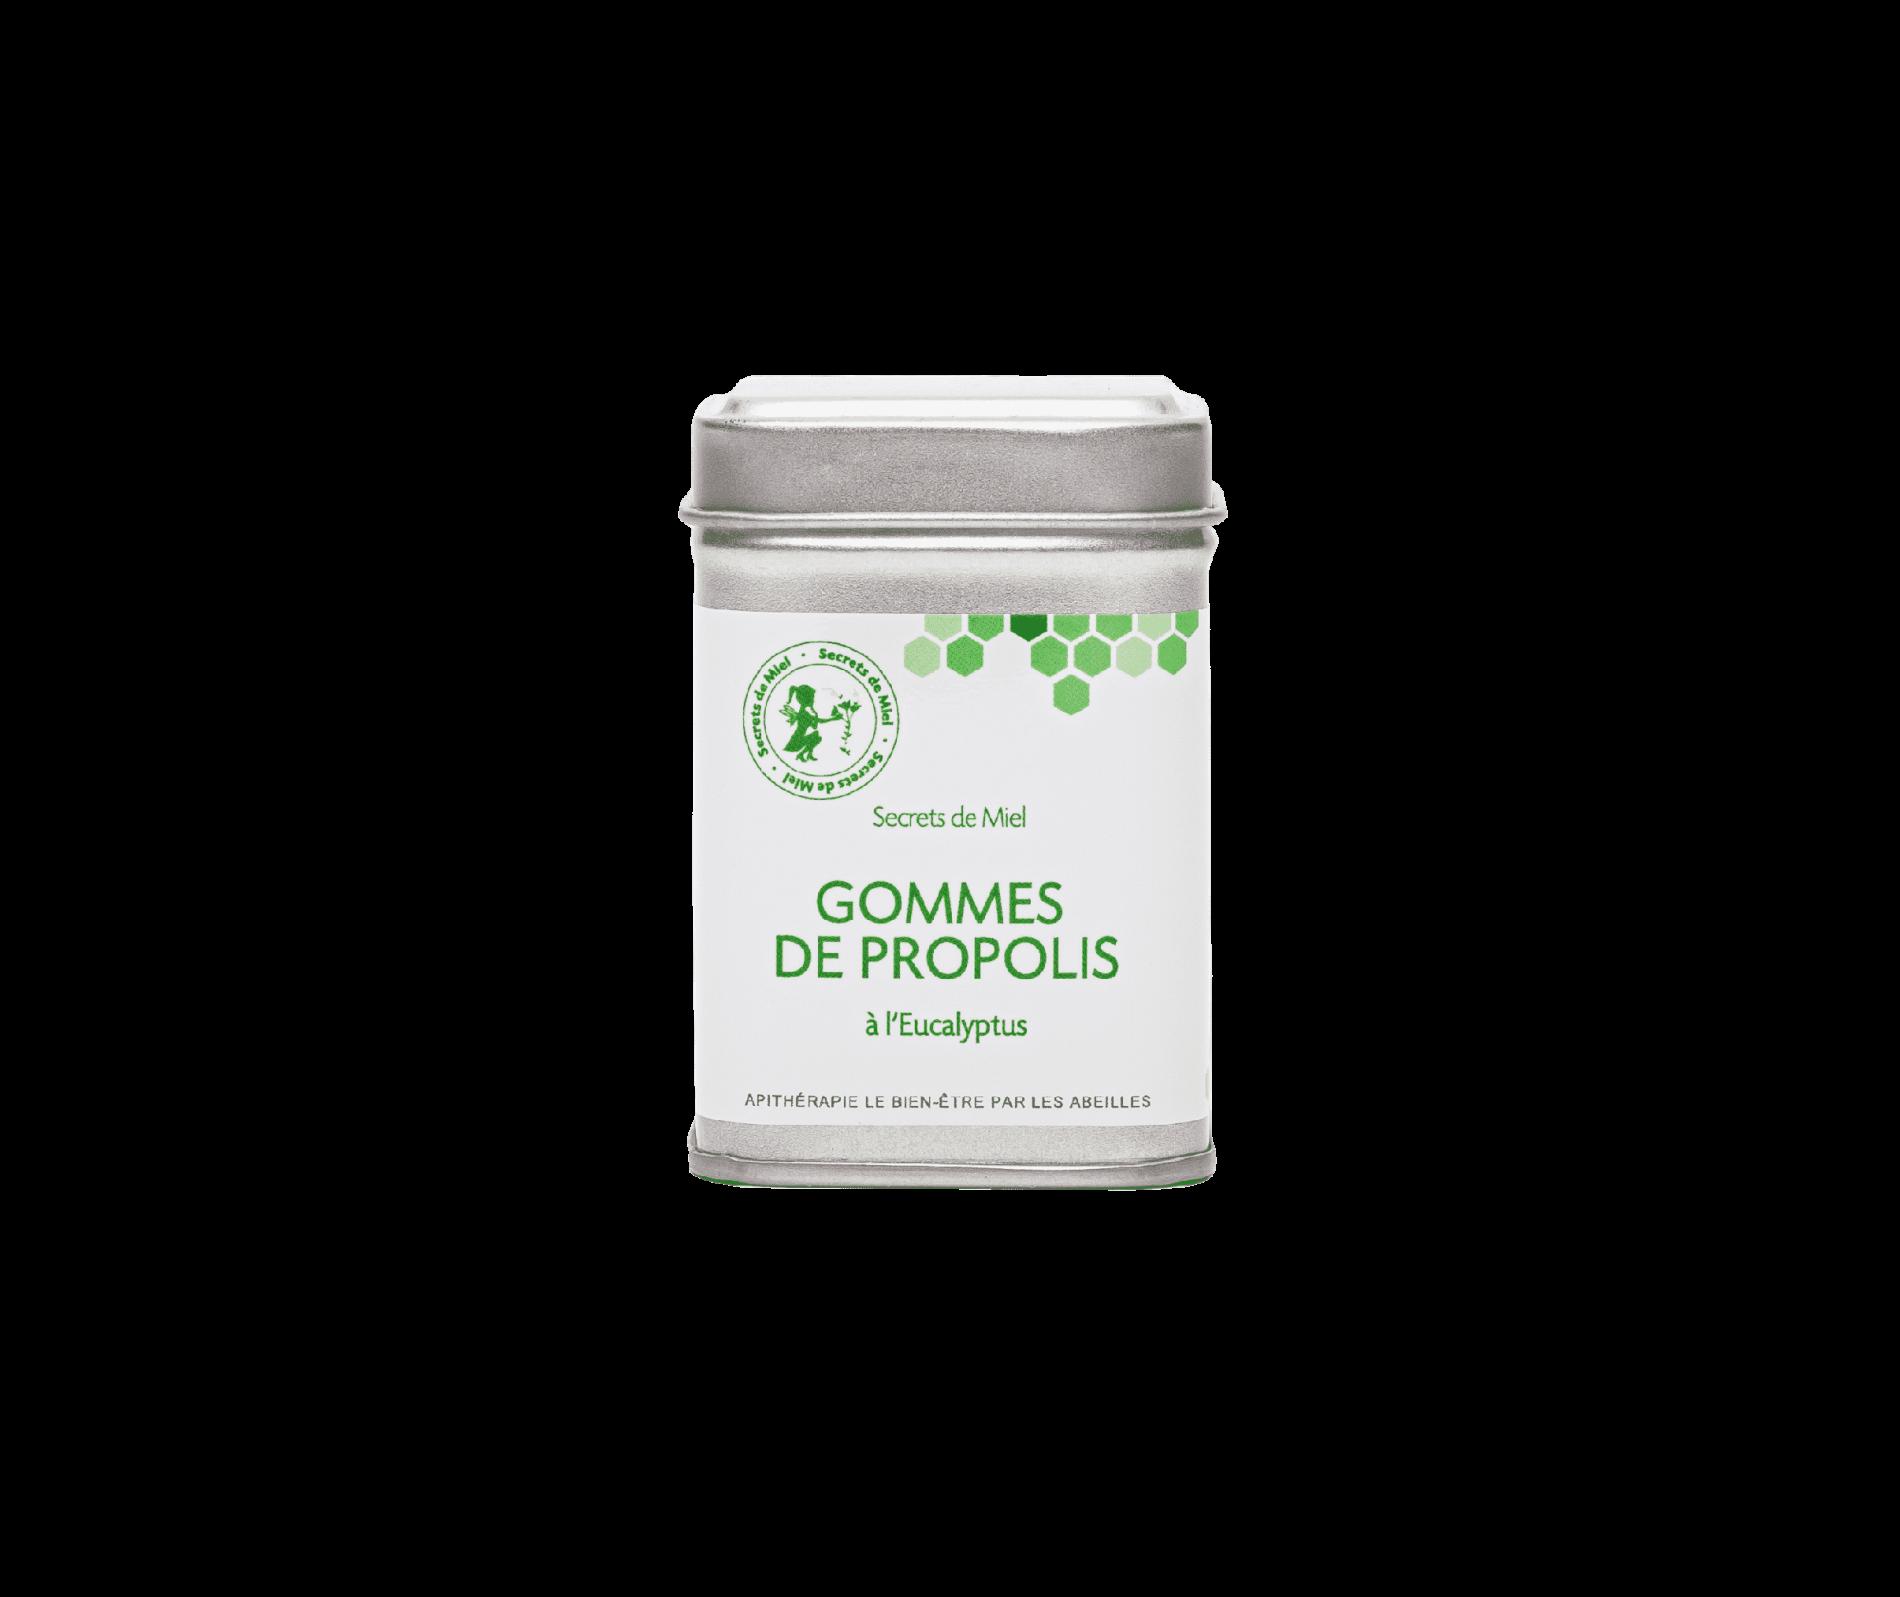 gommes propolis - eucalyptus - propolis - gommes à mâcher pour la gorge - Secrets de Miel